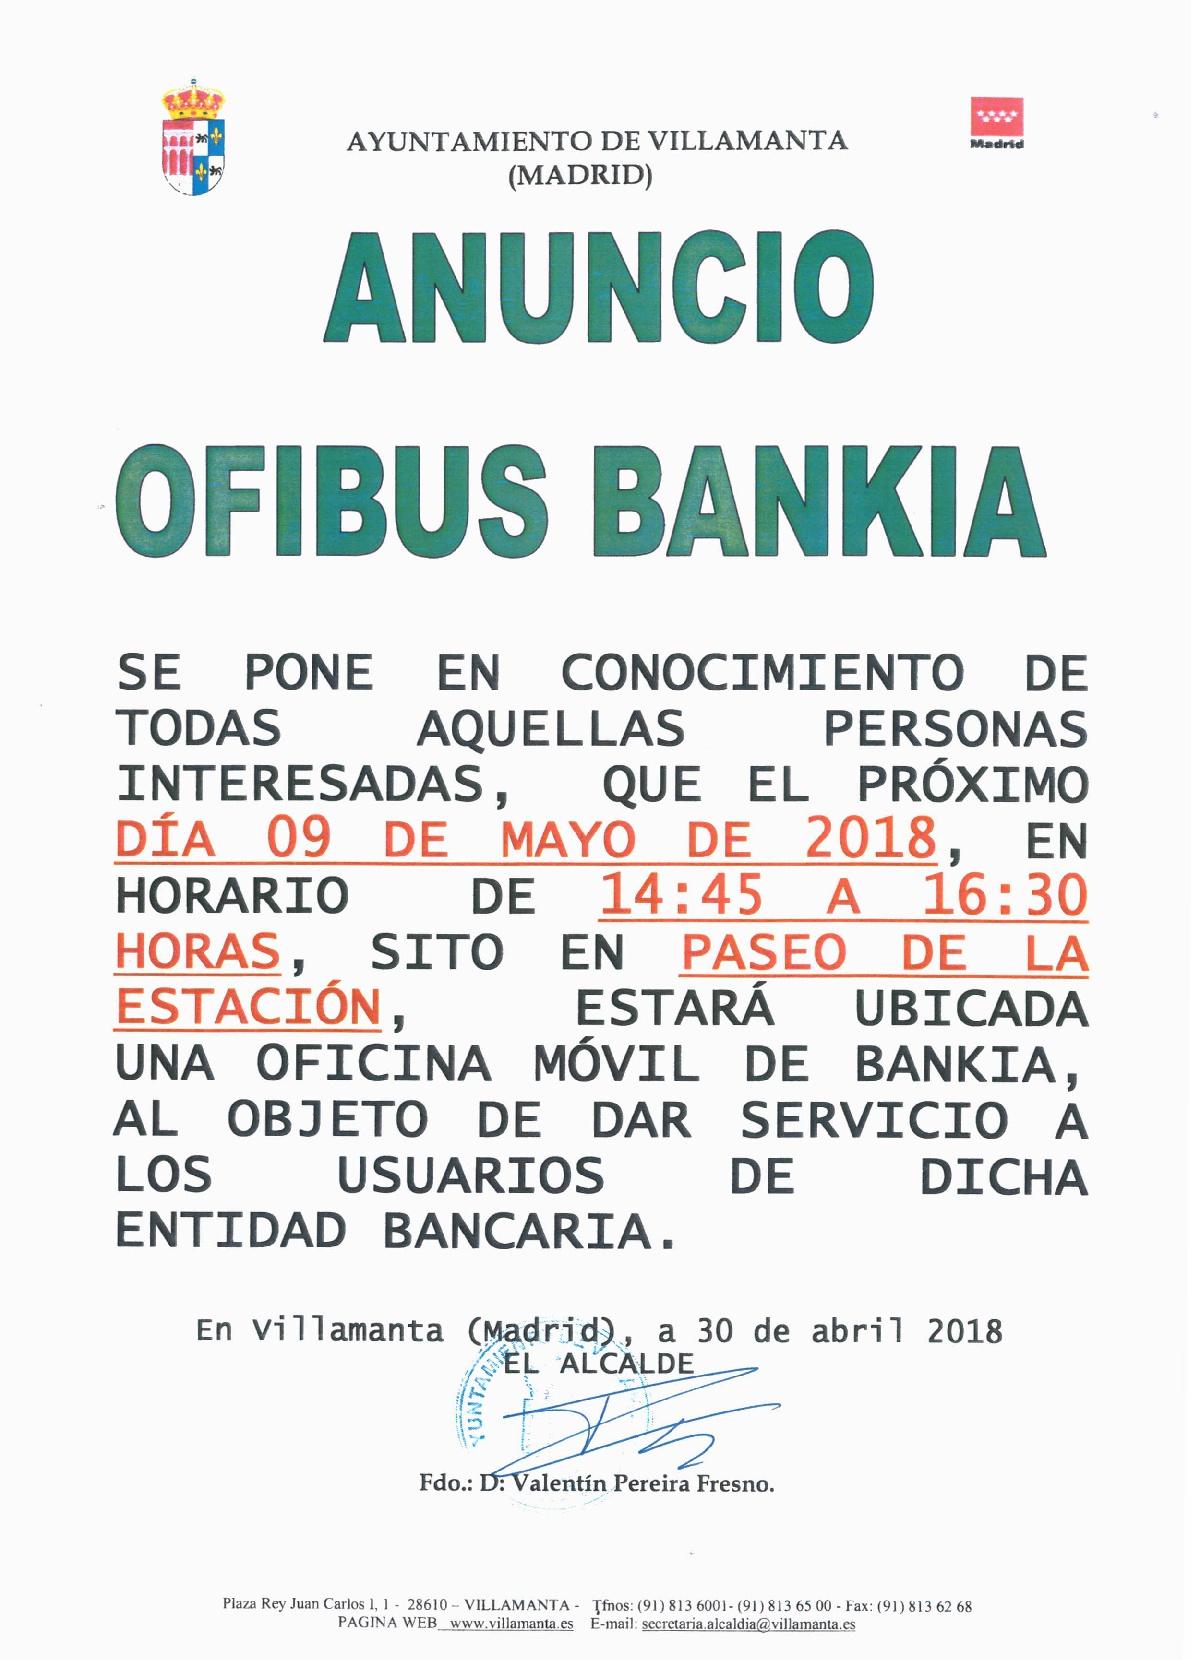 Ofibus Bankia 9 de mayo de 2018